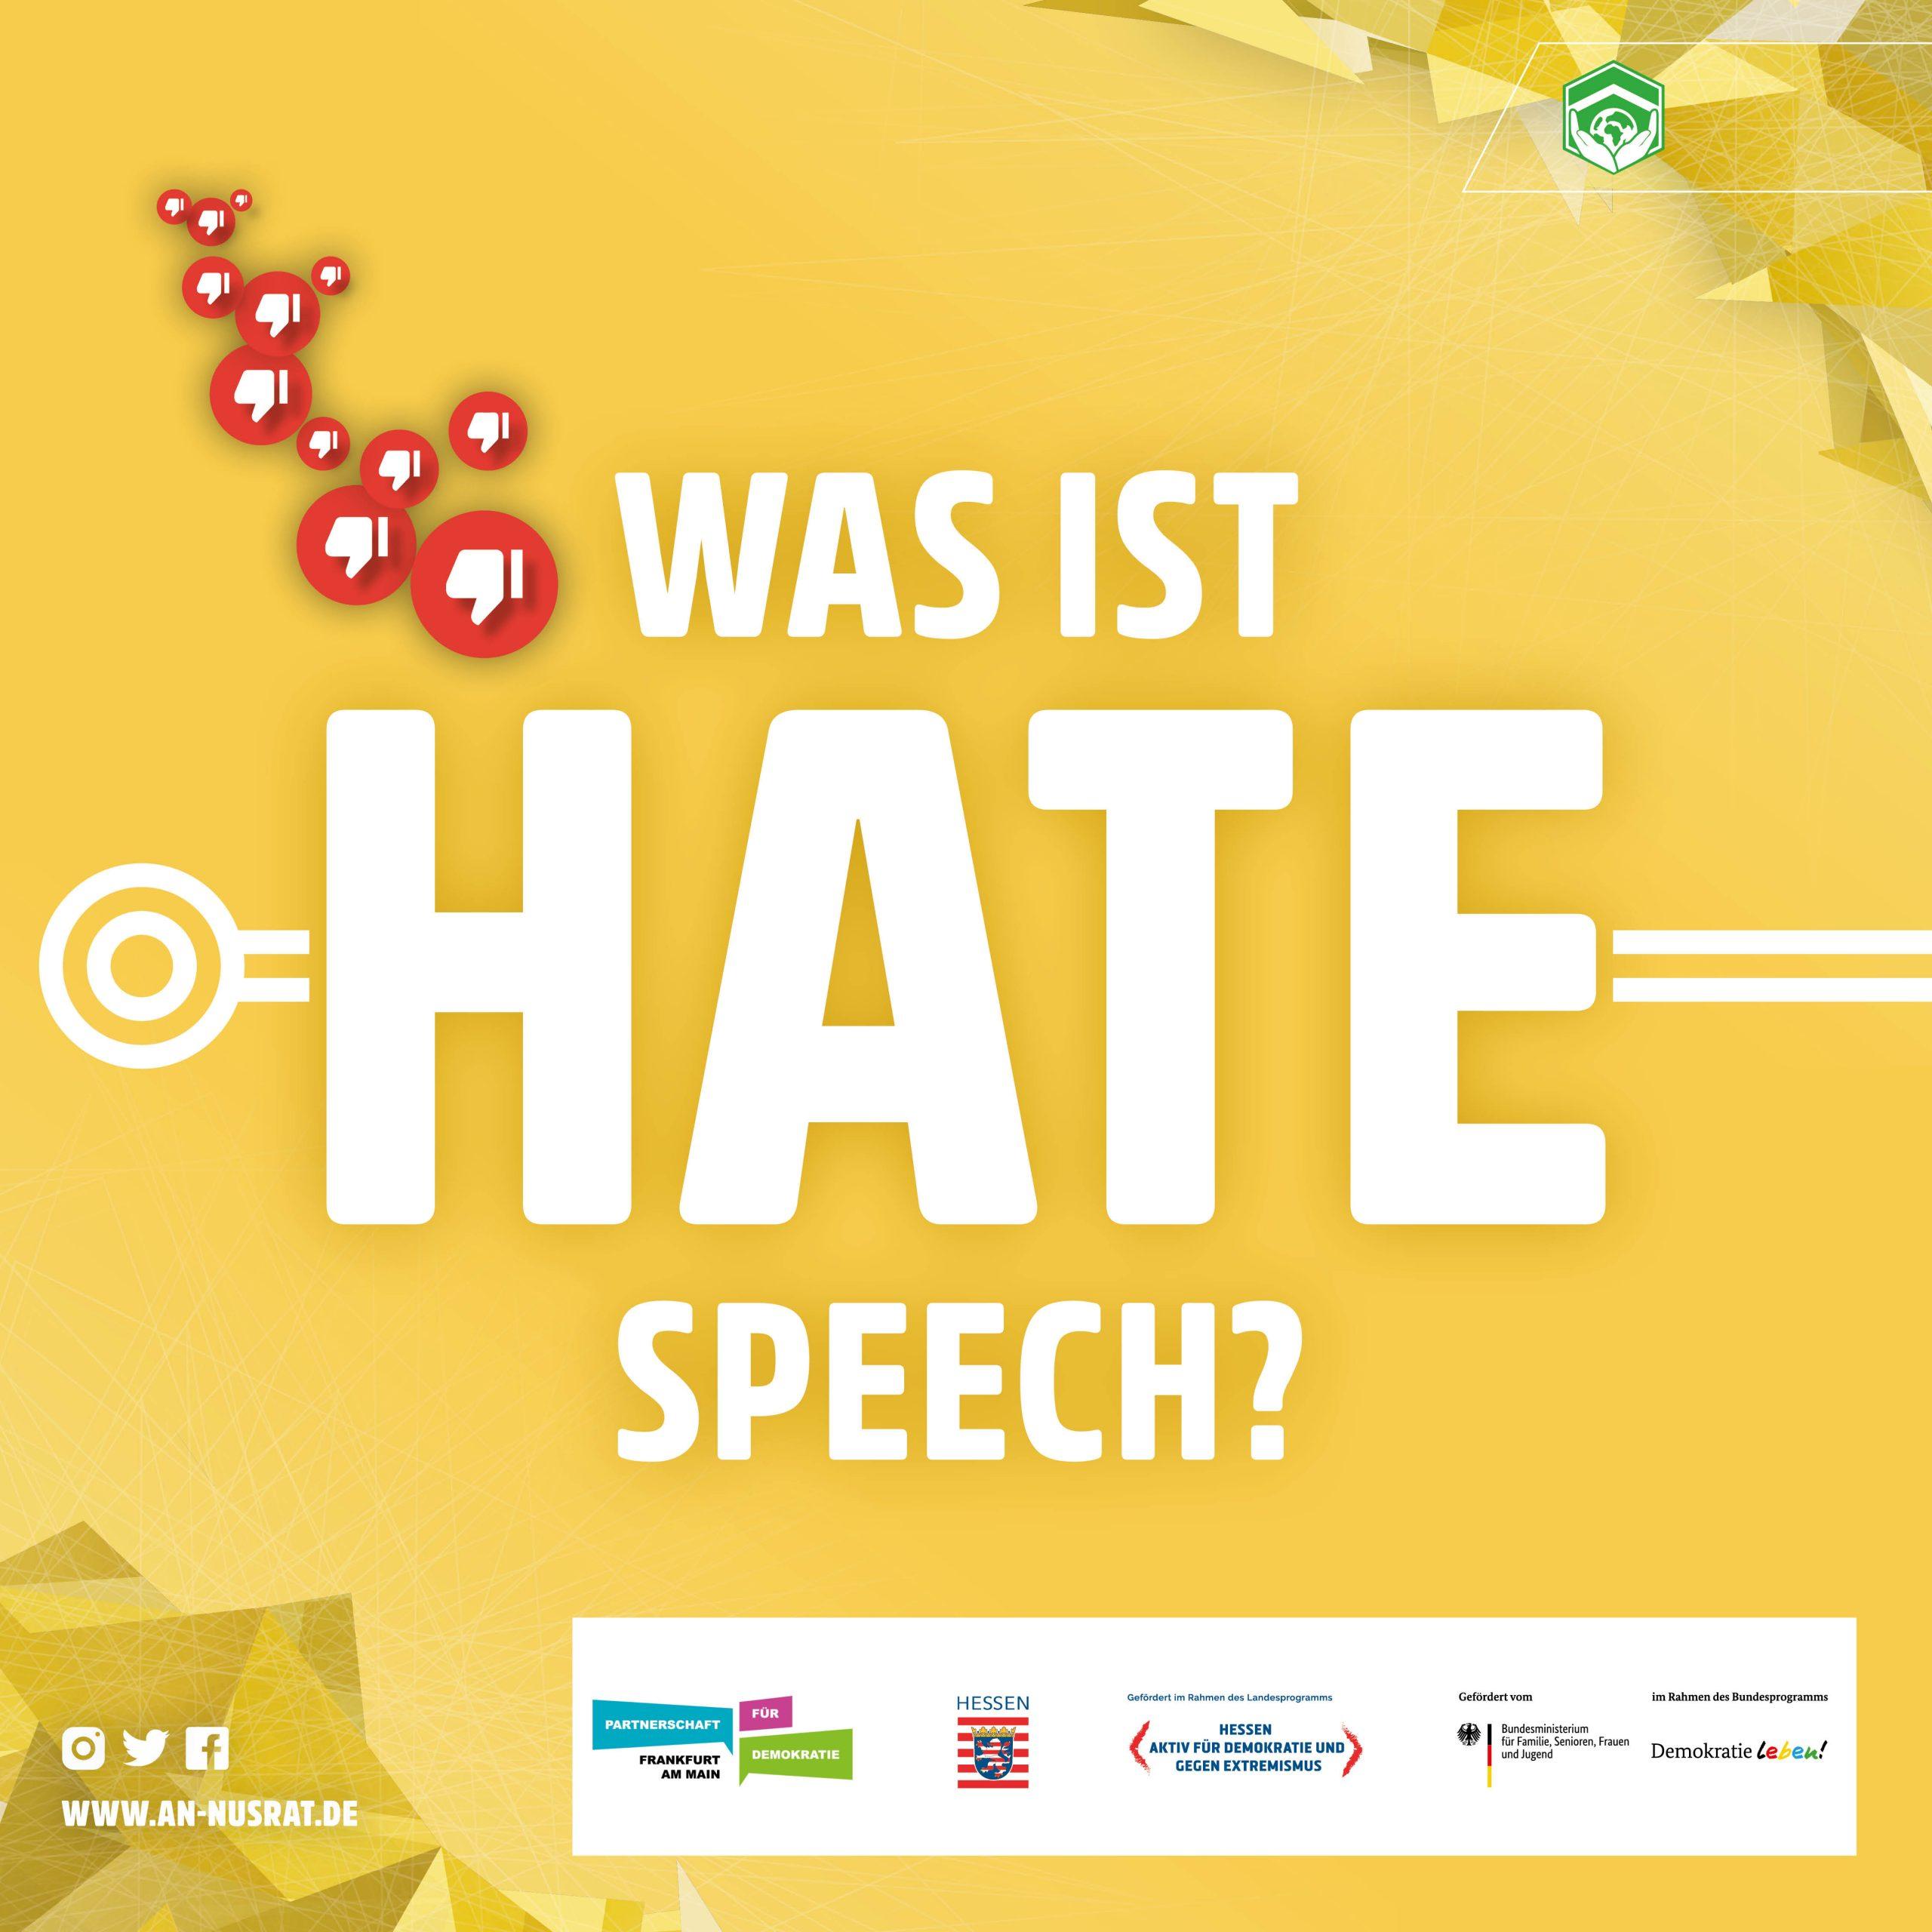 Gegen Hatespeech im Netz – #WirSindDieMehrheit!